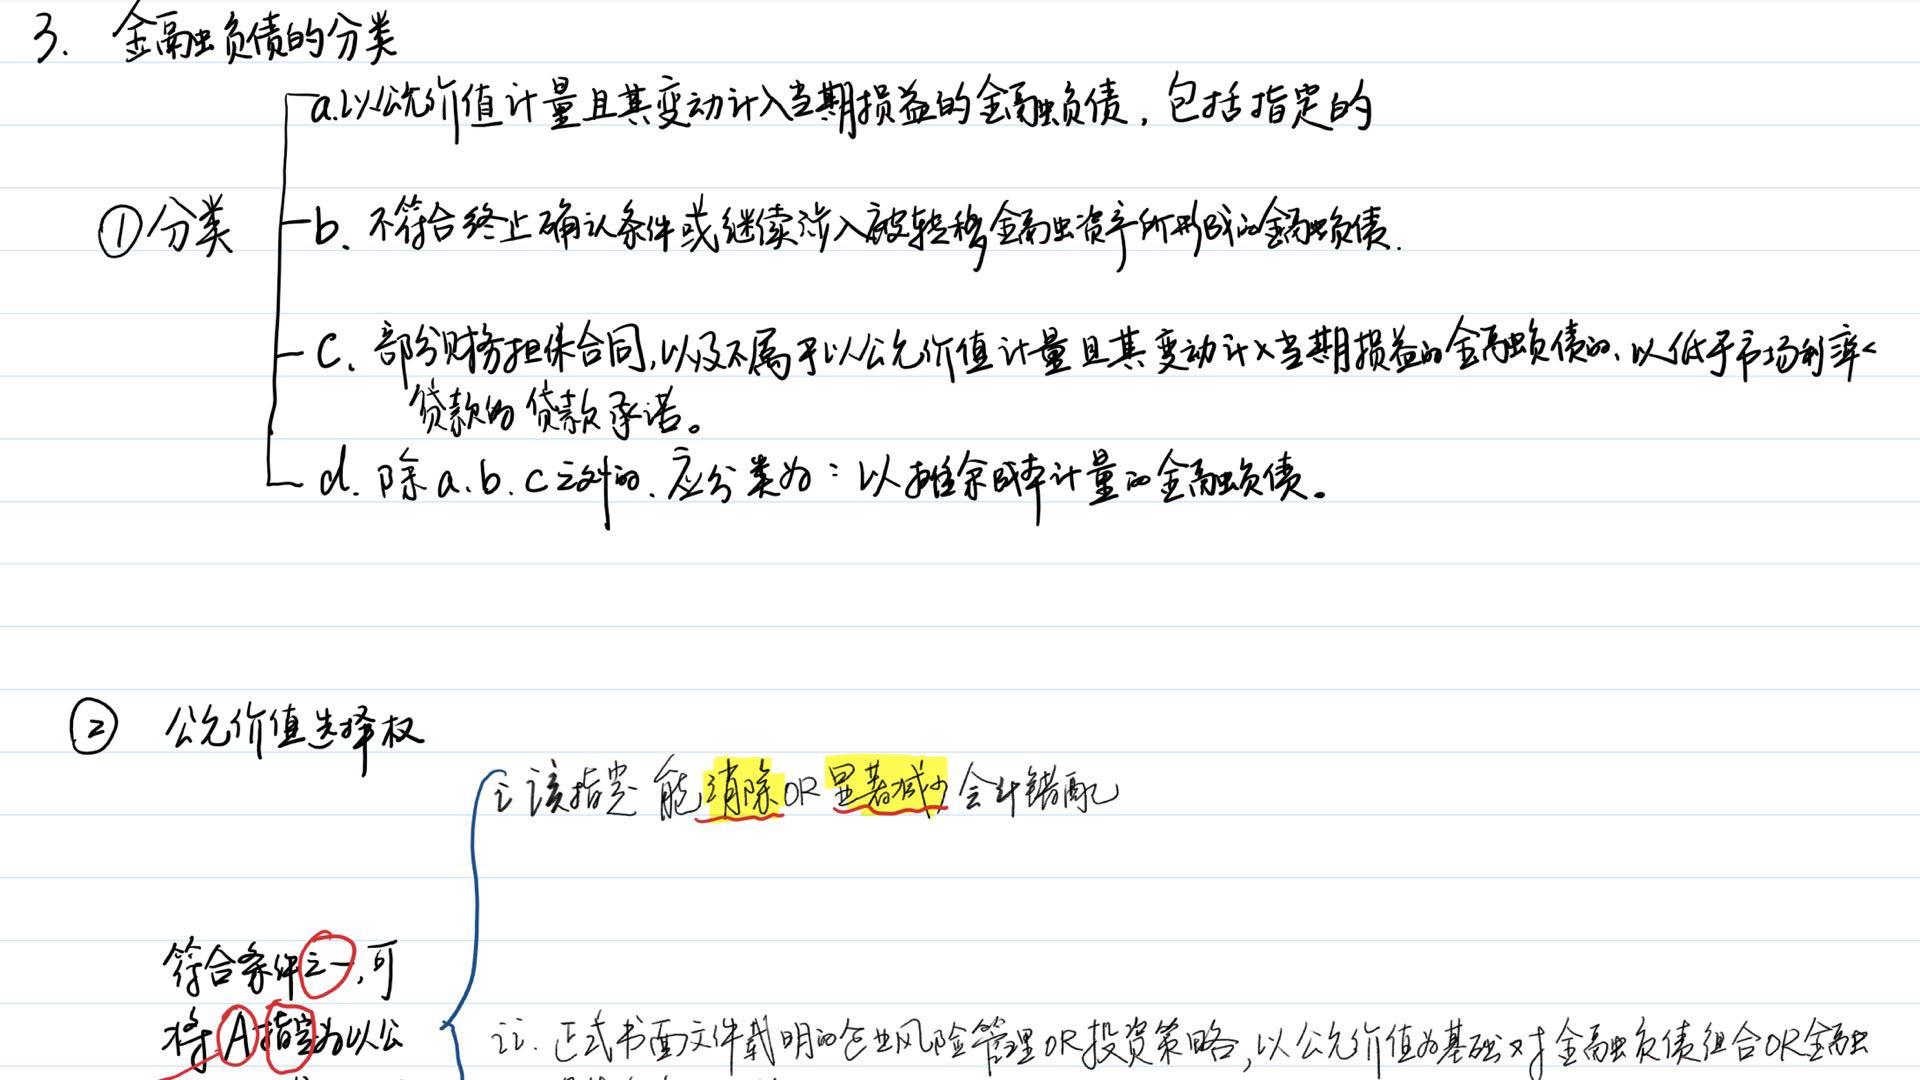 tmp_0ce6358e0a06768645ecc50f5c37a35b.jpg